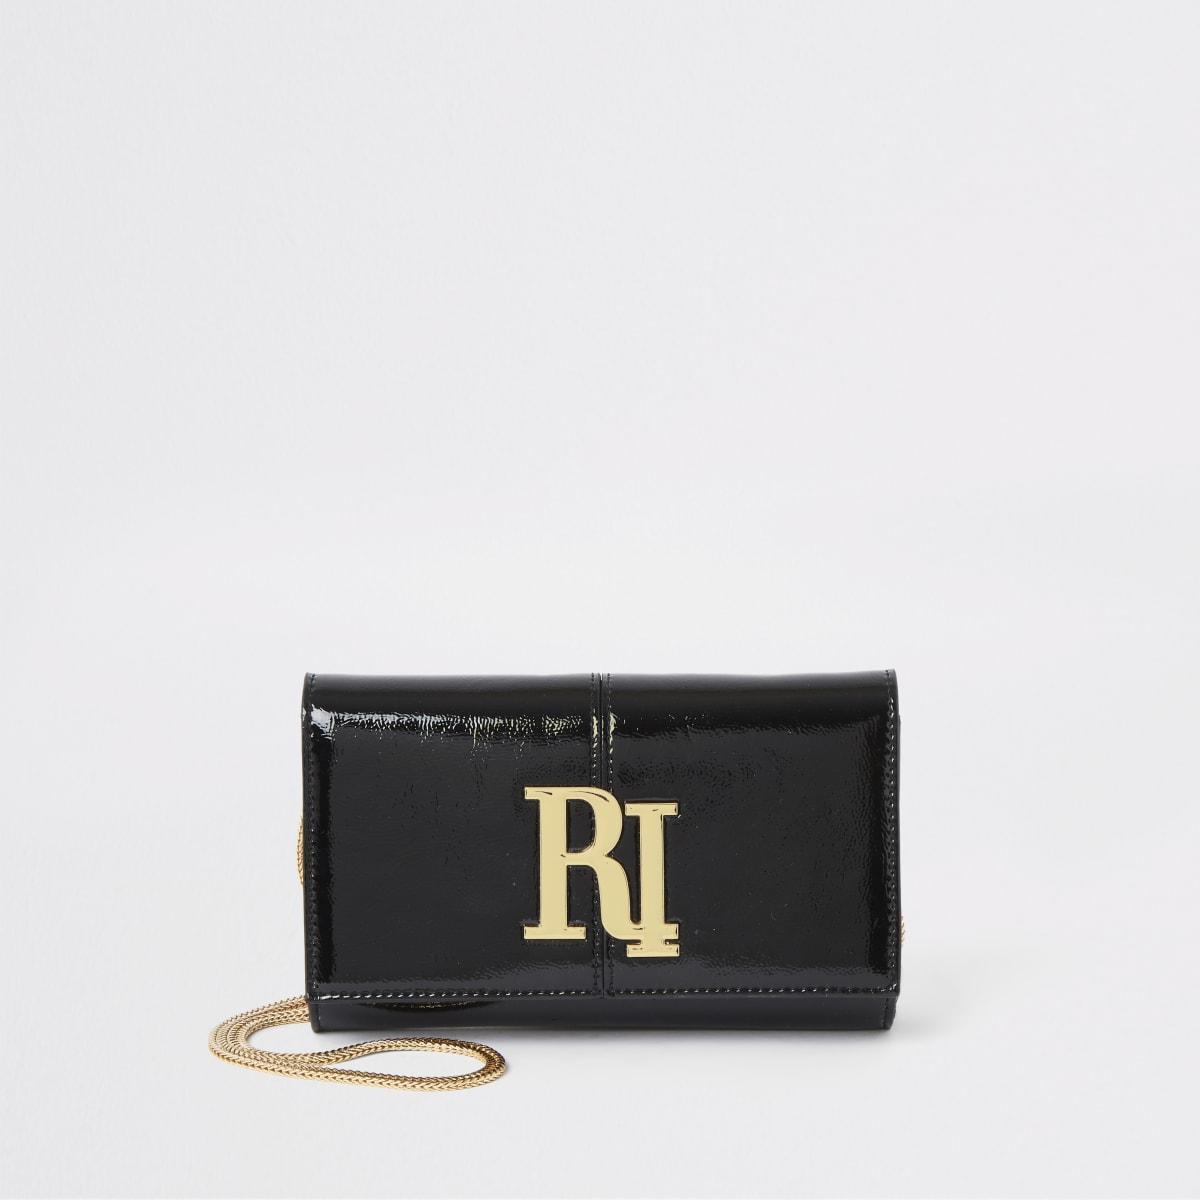 Zwarte lakleren onderarmtas met RI-logo